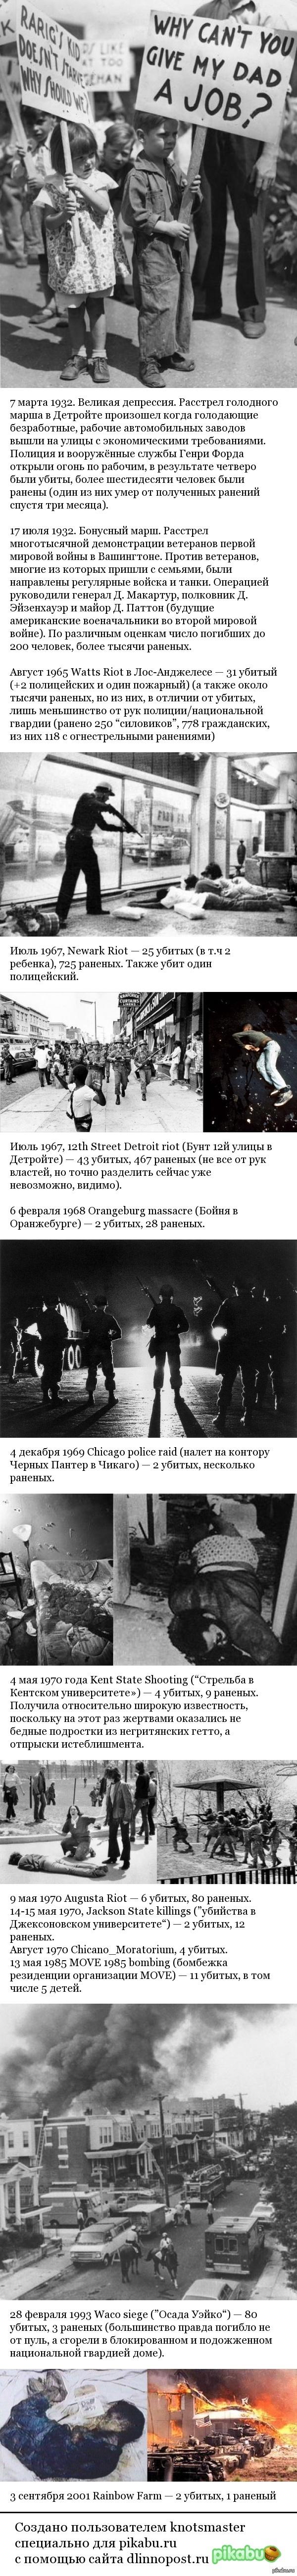 Как расстреливали мирные демонстрации в США Источник в комментах